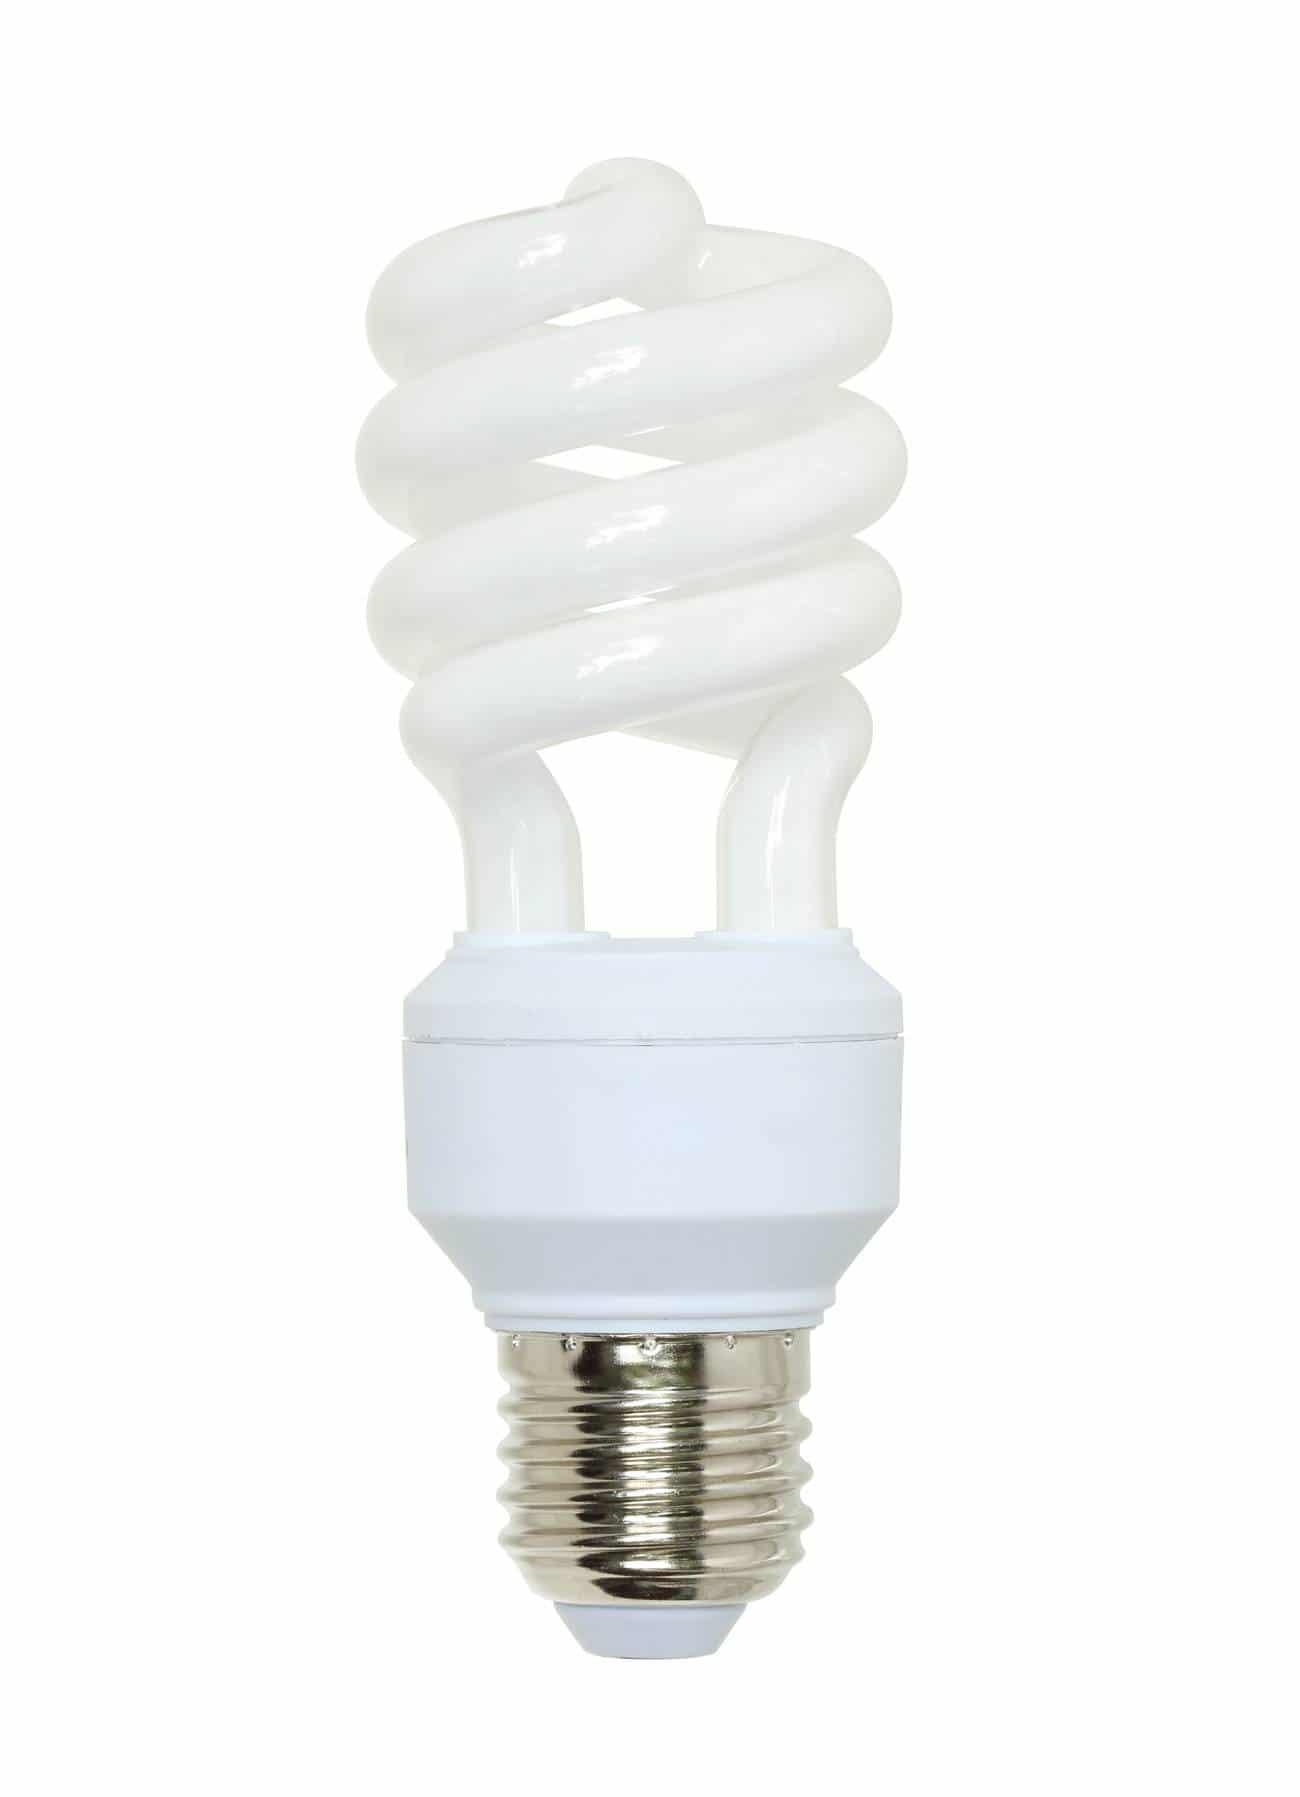 Installer un éclairage durable et écologique chez soi